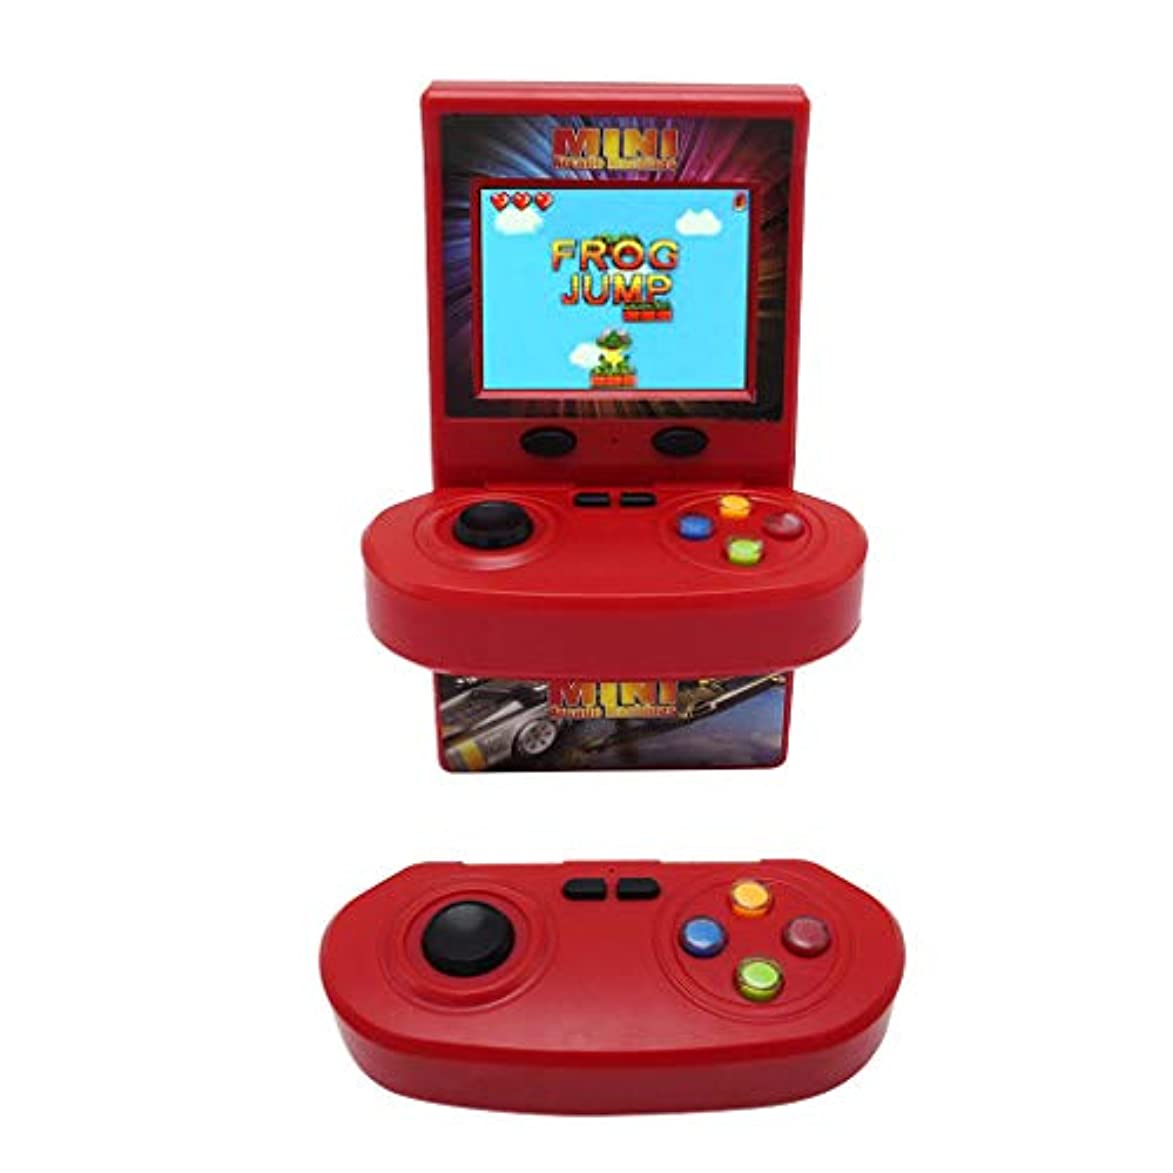 採用する幻滅方向ゲームコンソール ダブルワイヤレスジョイスティック アーケードゲーム コンソール ノスタルジック 100ゲーム ゲームプレーヤー ダブルハンドル 携帯ゲーム機huajuan